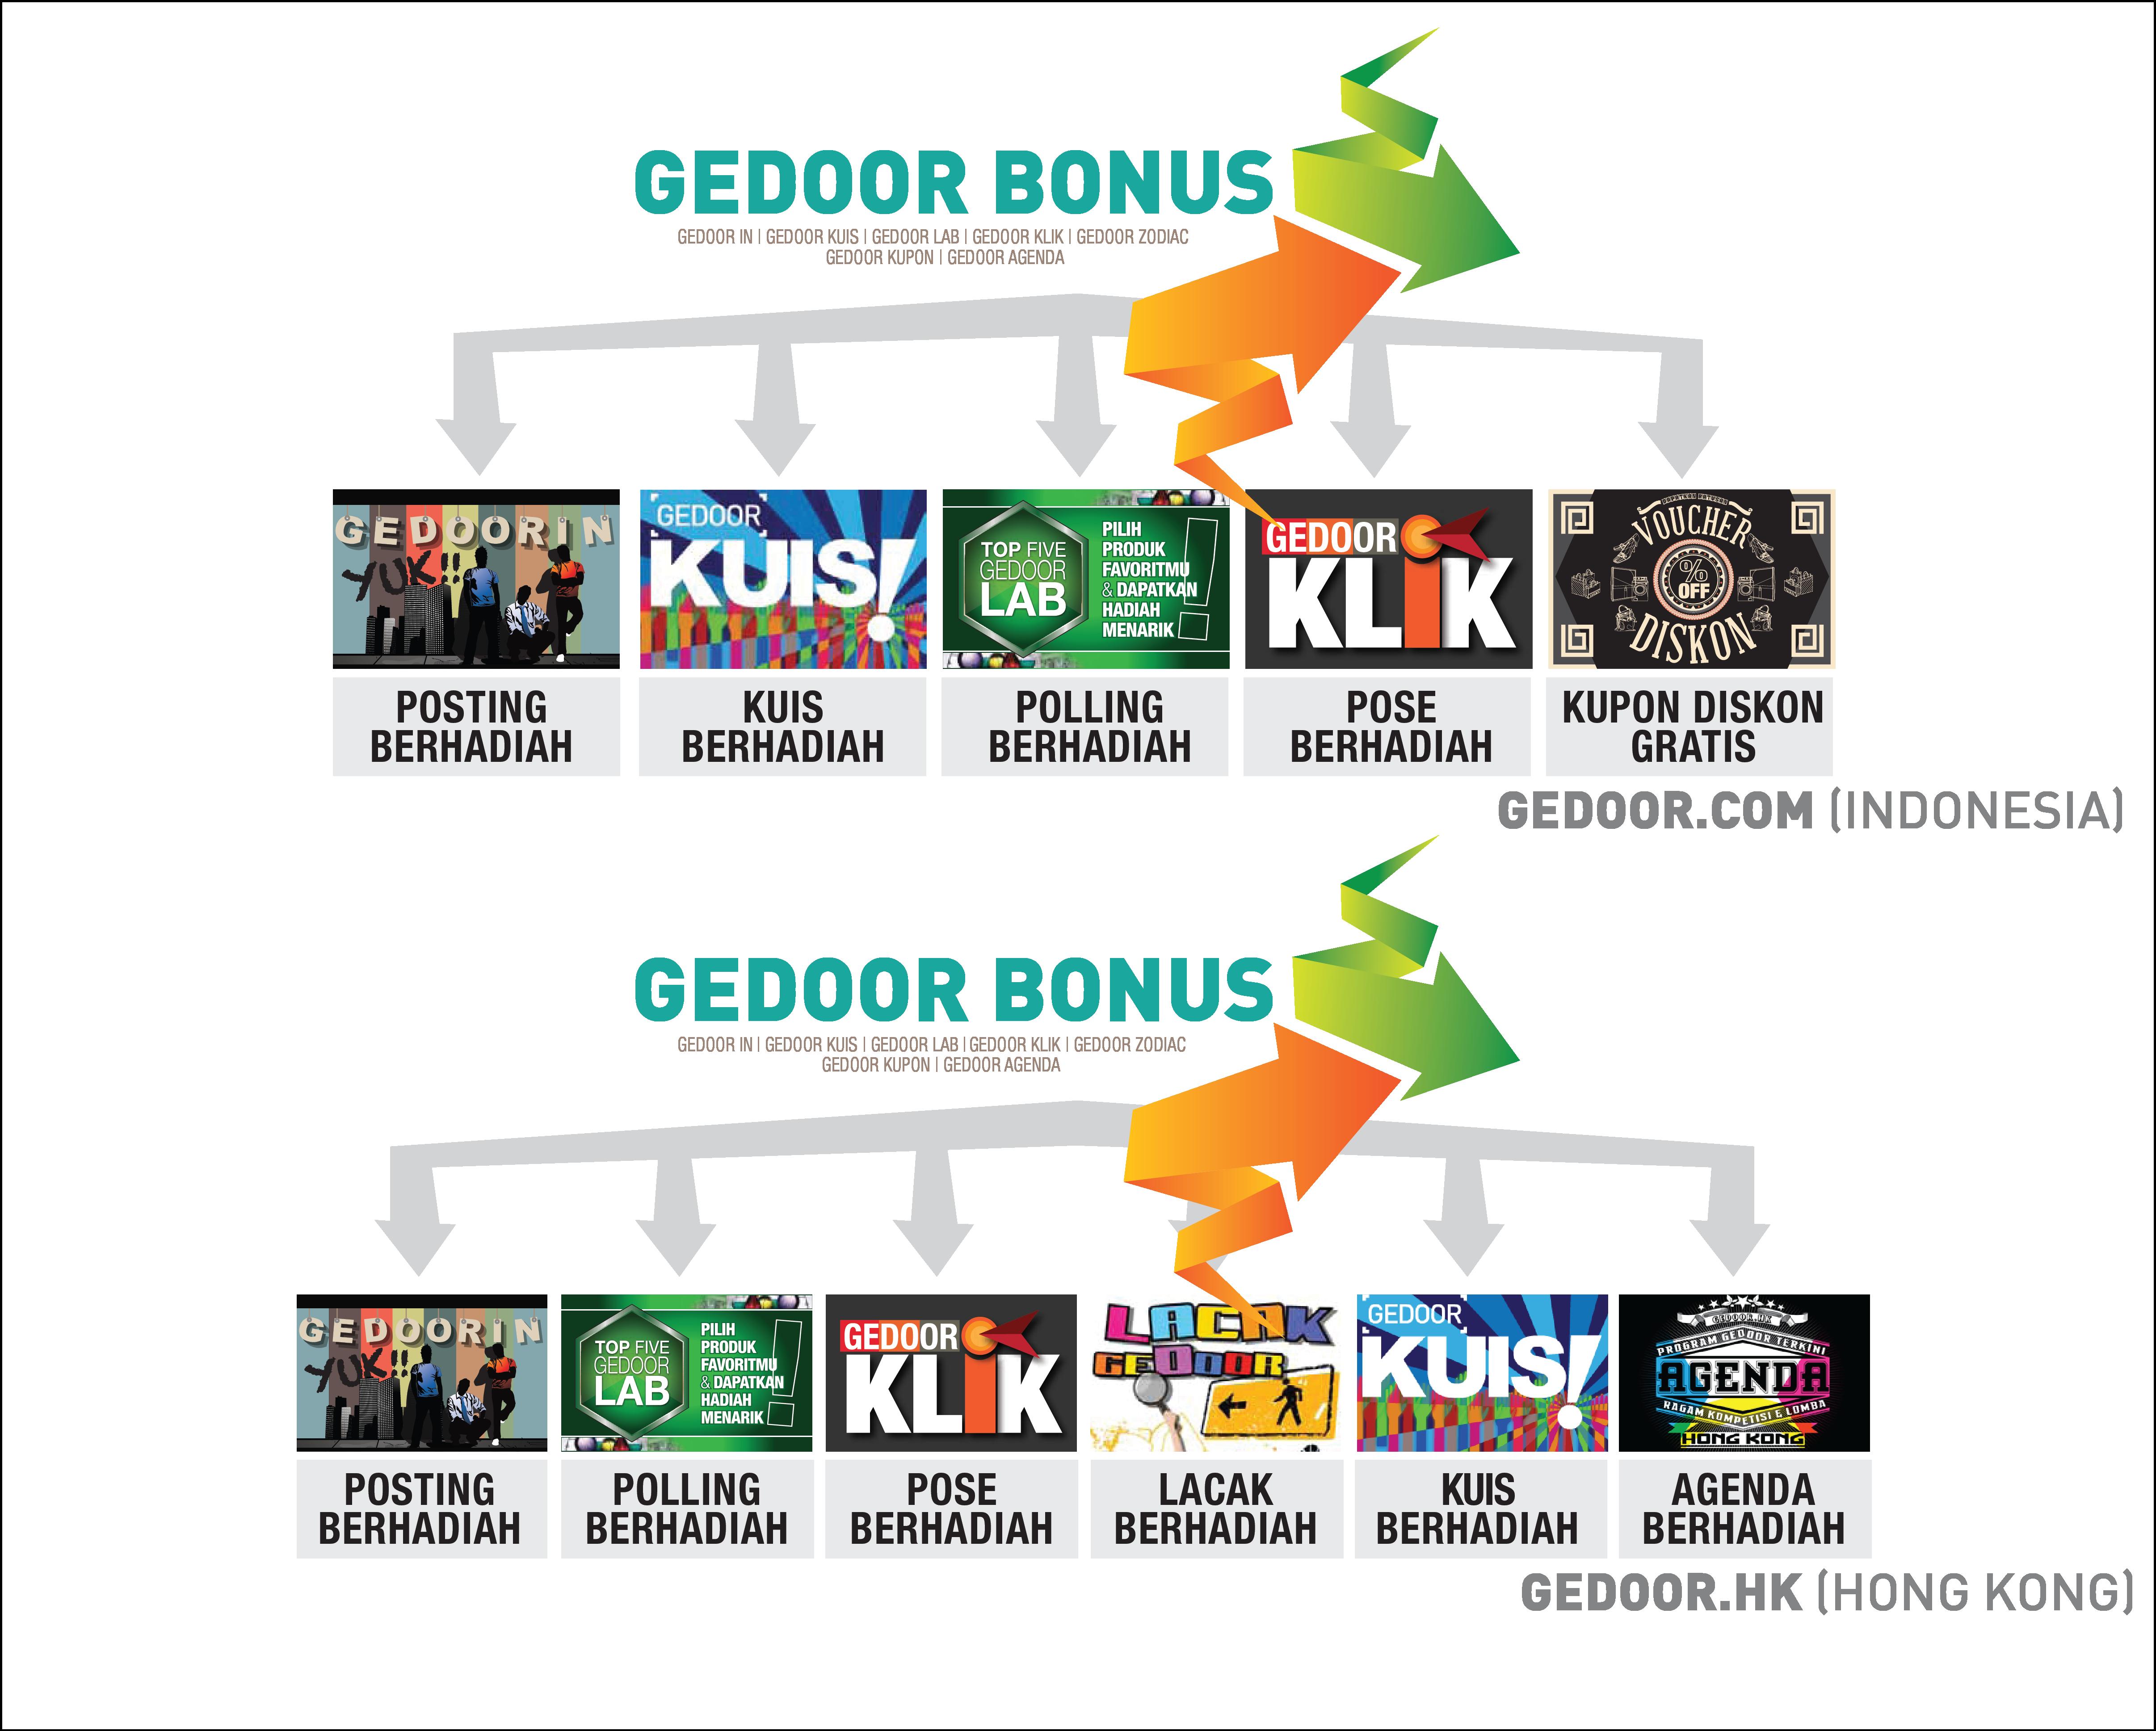 ketentuan gedoor bonus